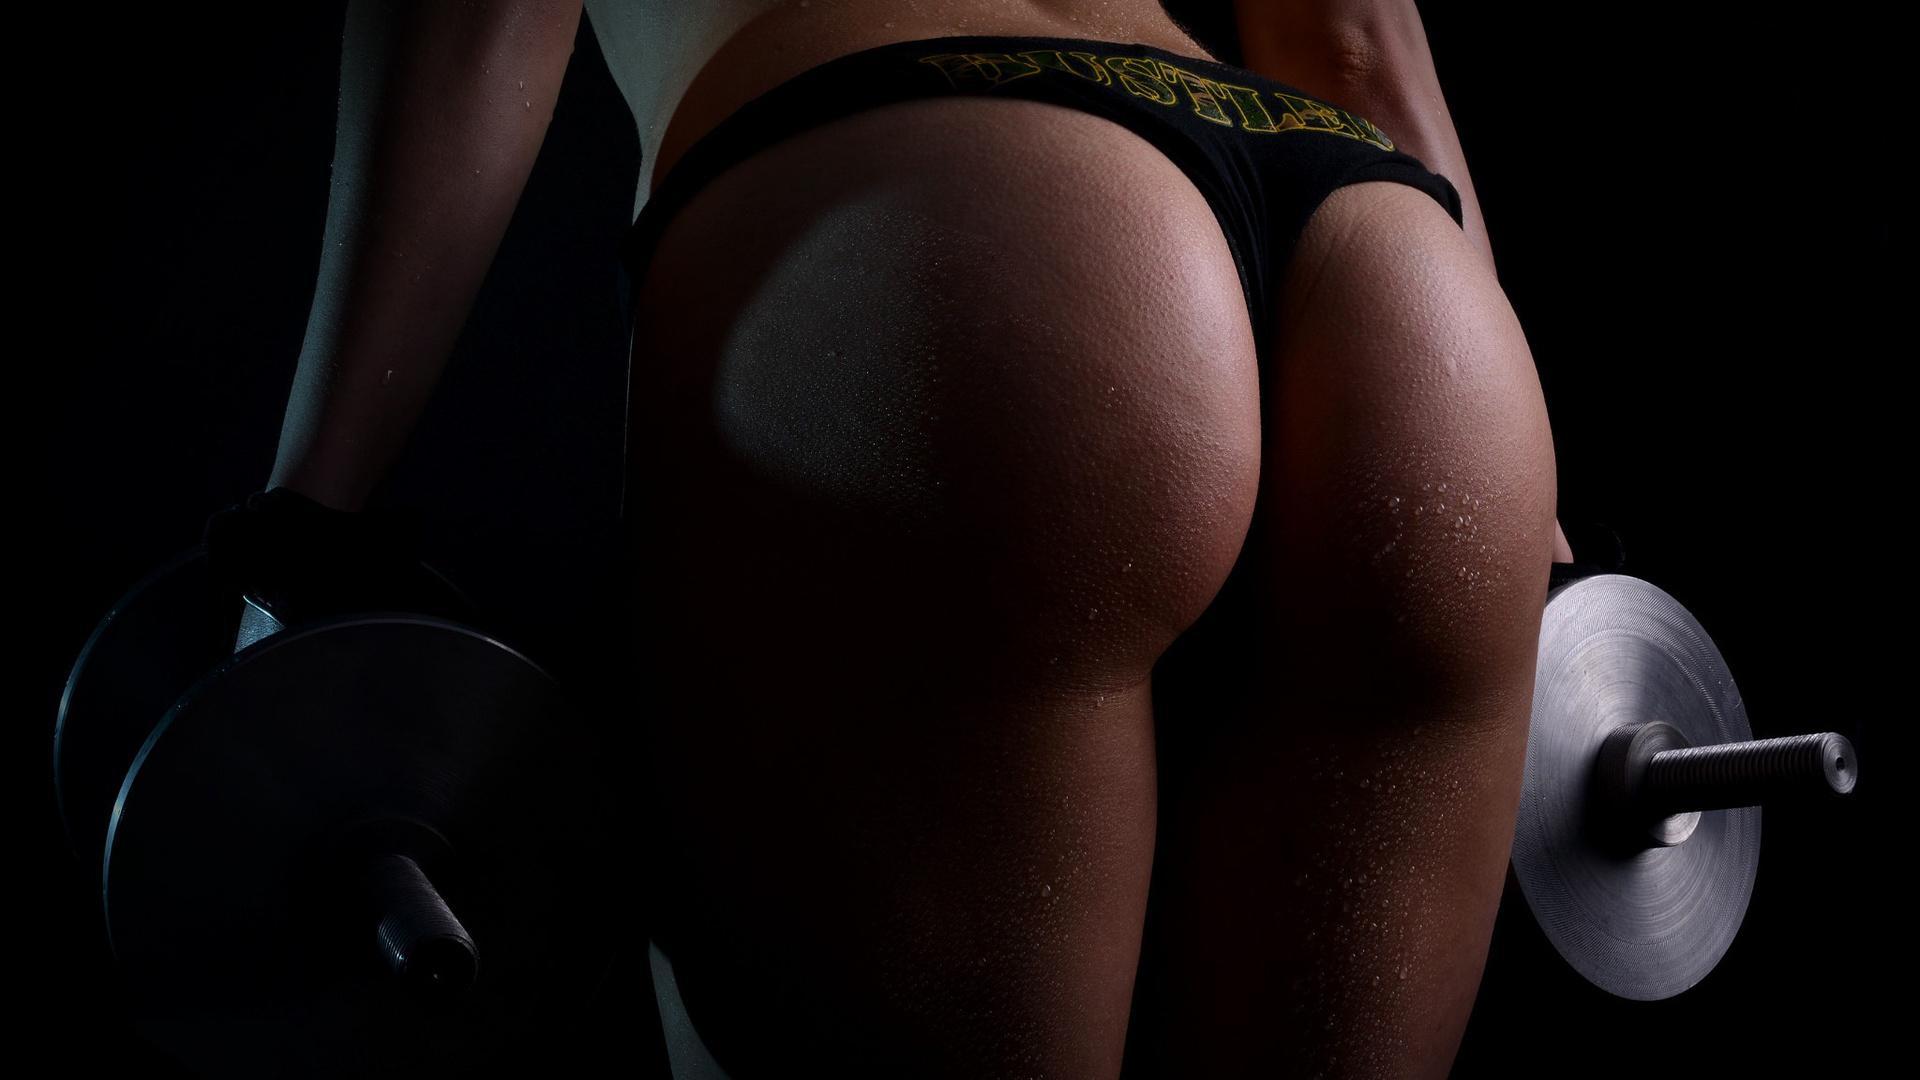 Упругие сочные попки девушек, Большие жопы, упругие задницы, попки, качественное 23 фотография